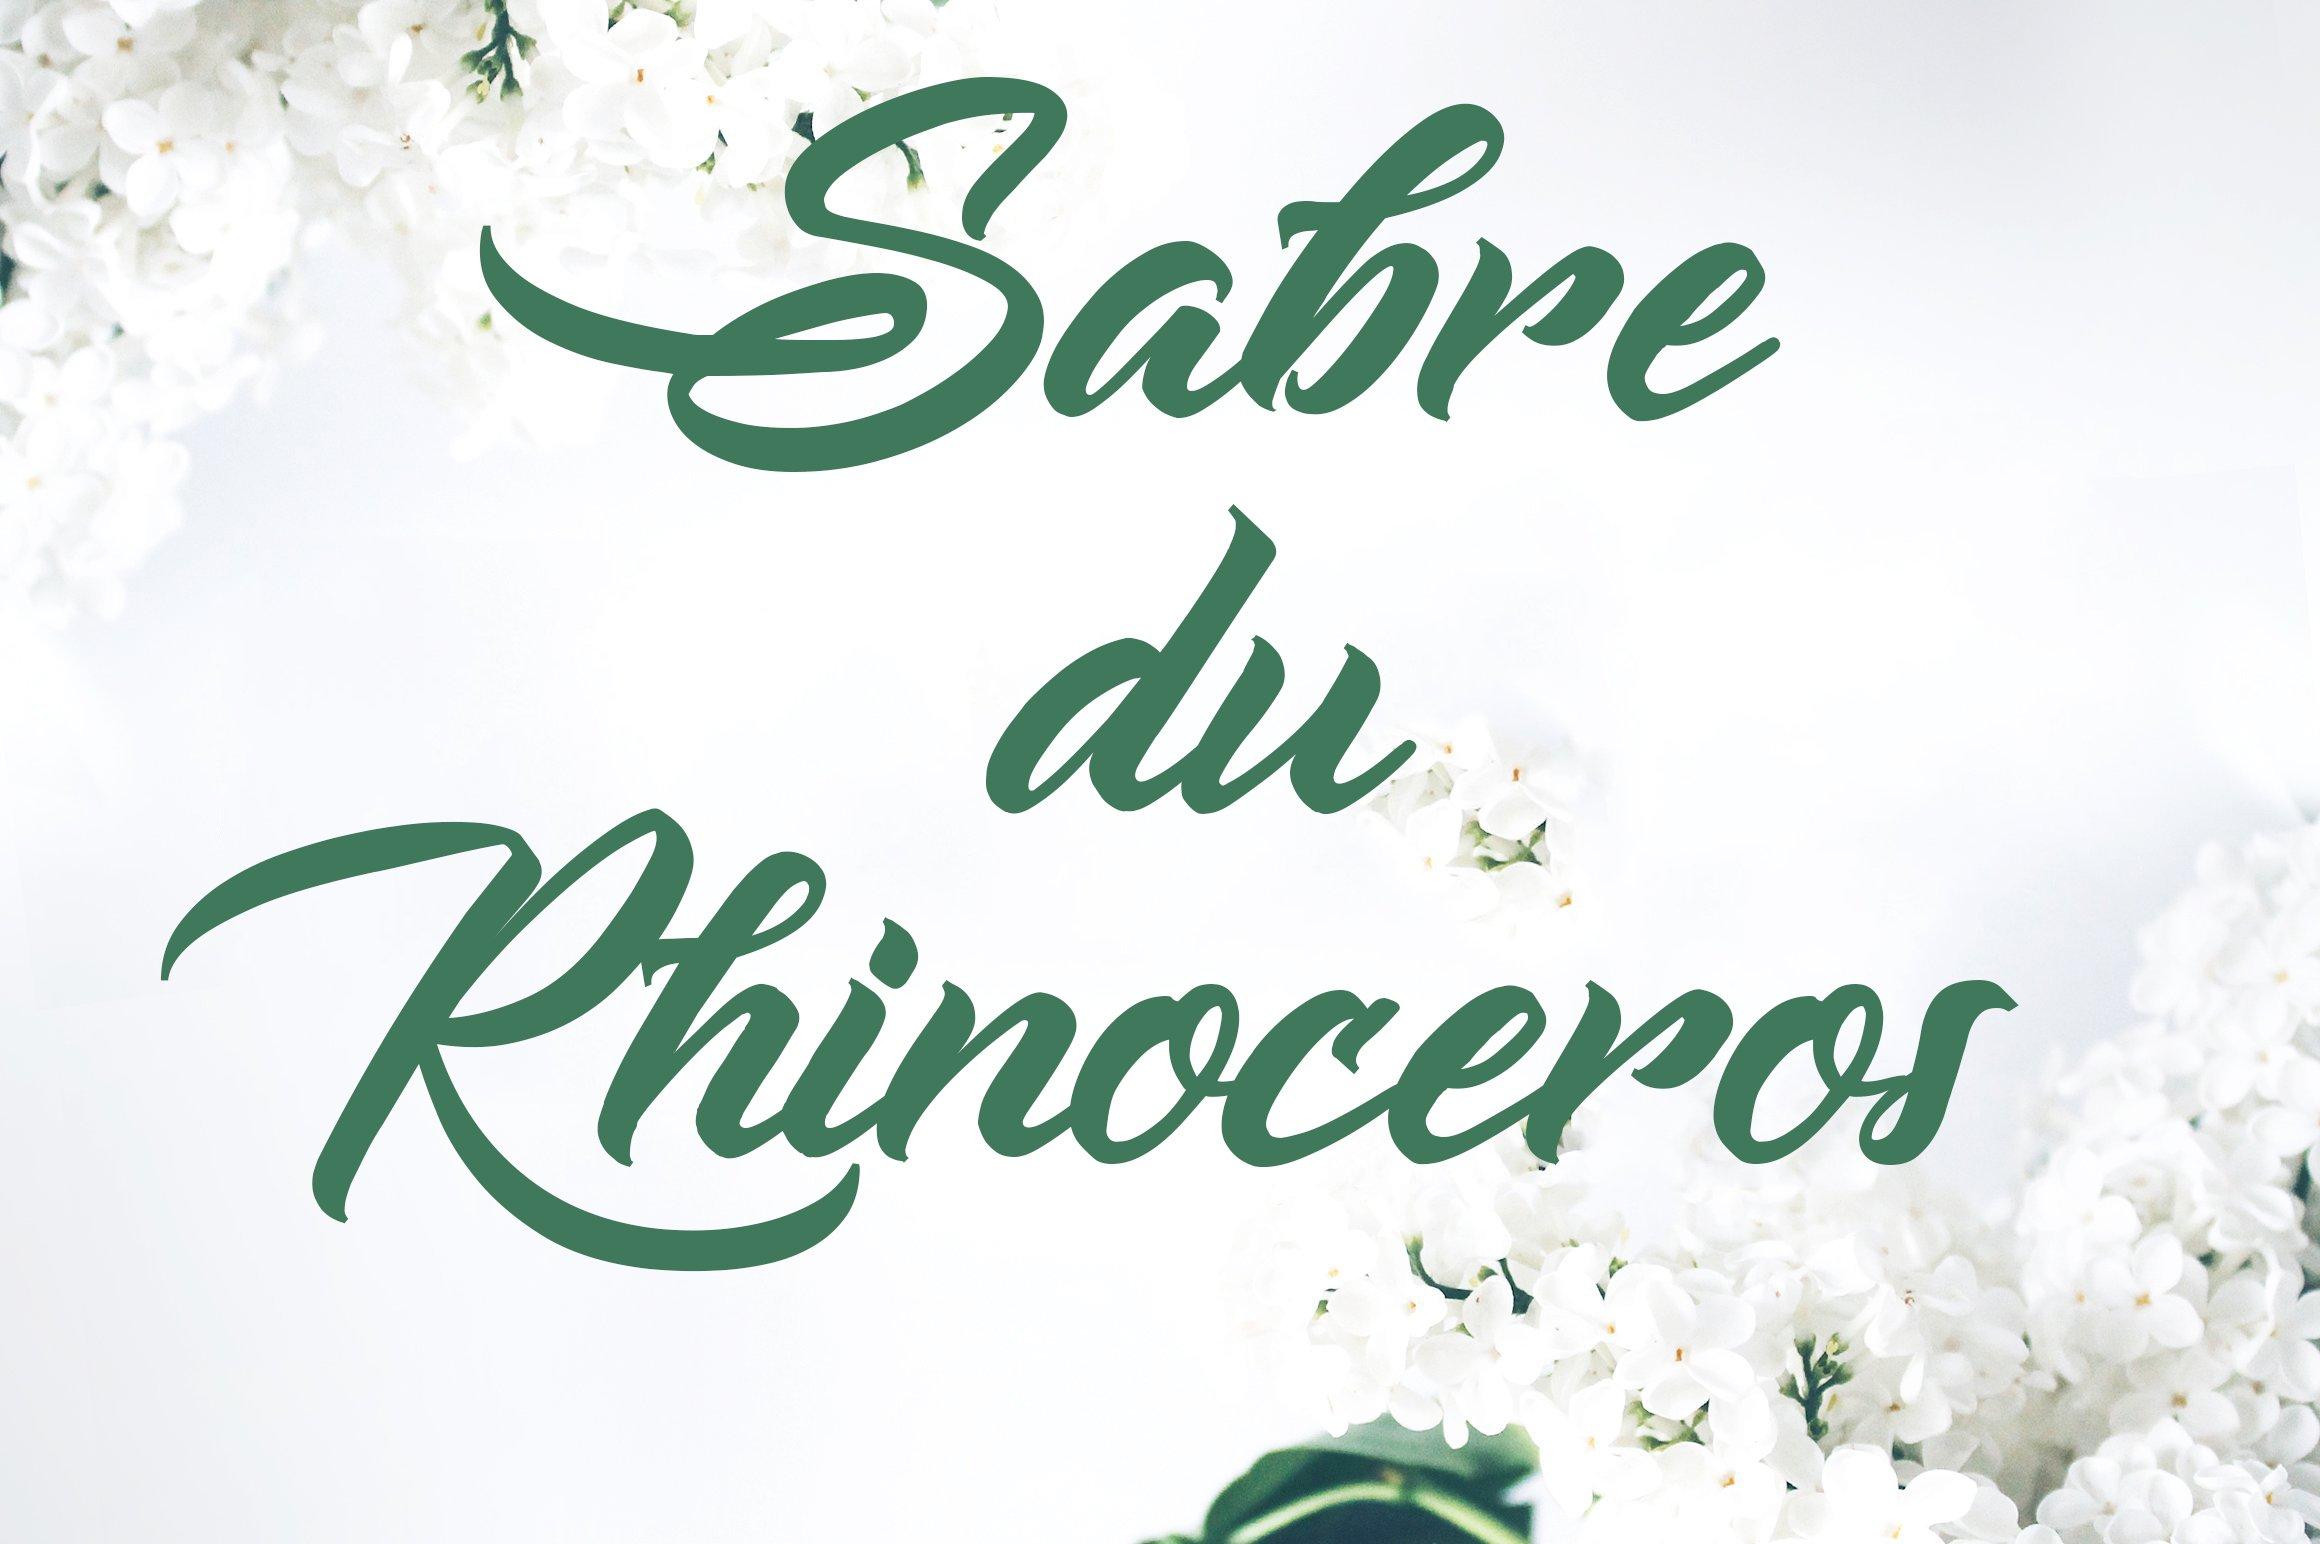 sabre-du-rhinoceros-font